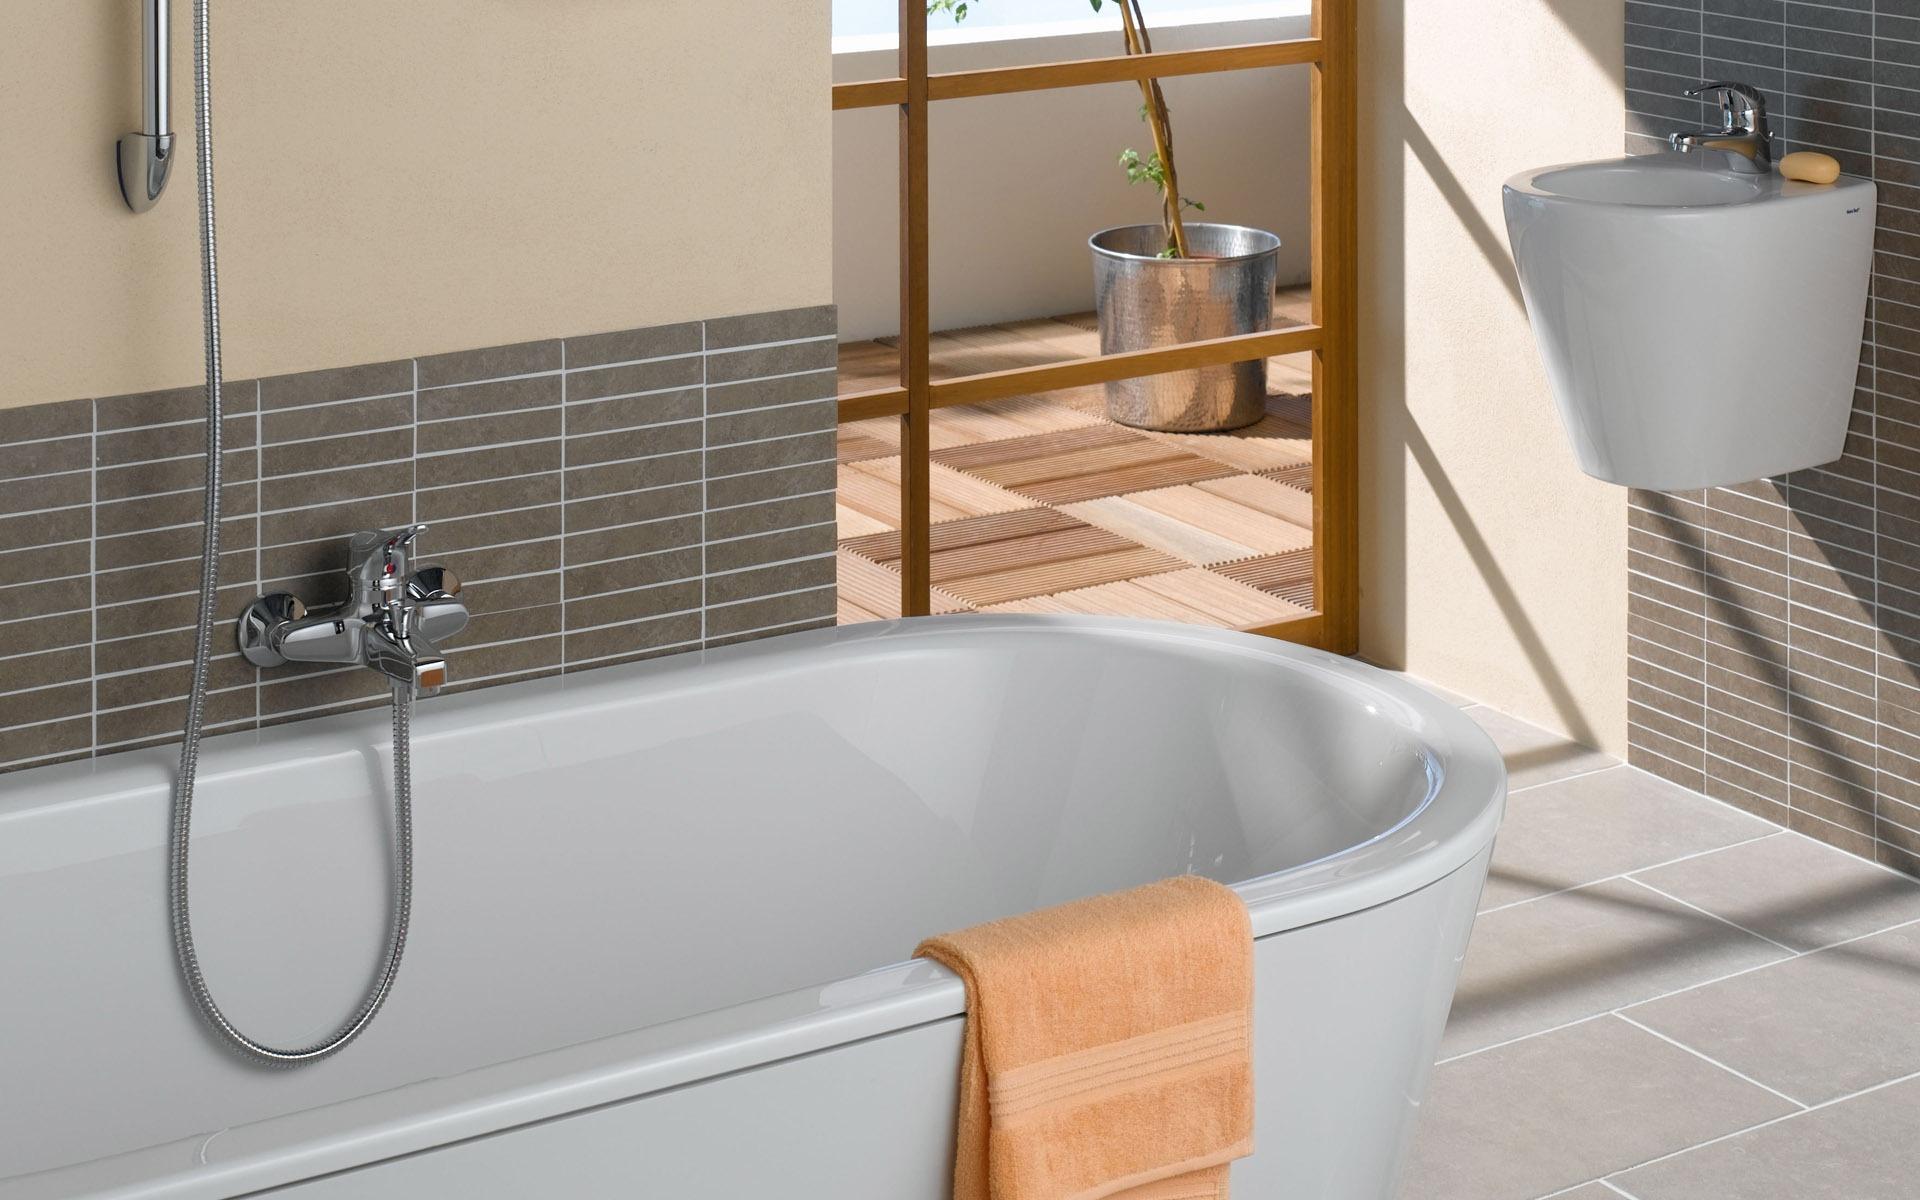 fond d 39 cran photo salle de bain 2 5 1920x1200 fond d 39 cran t l charger fond d 39 cran. Black Bedroom Furniture Sets. Home Design Ideas